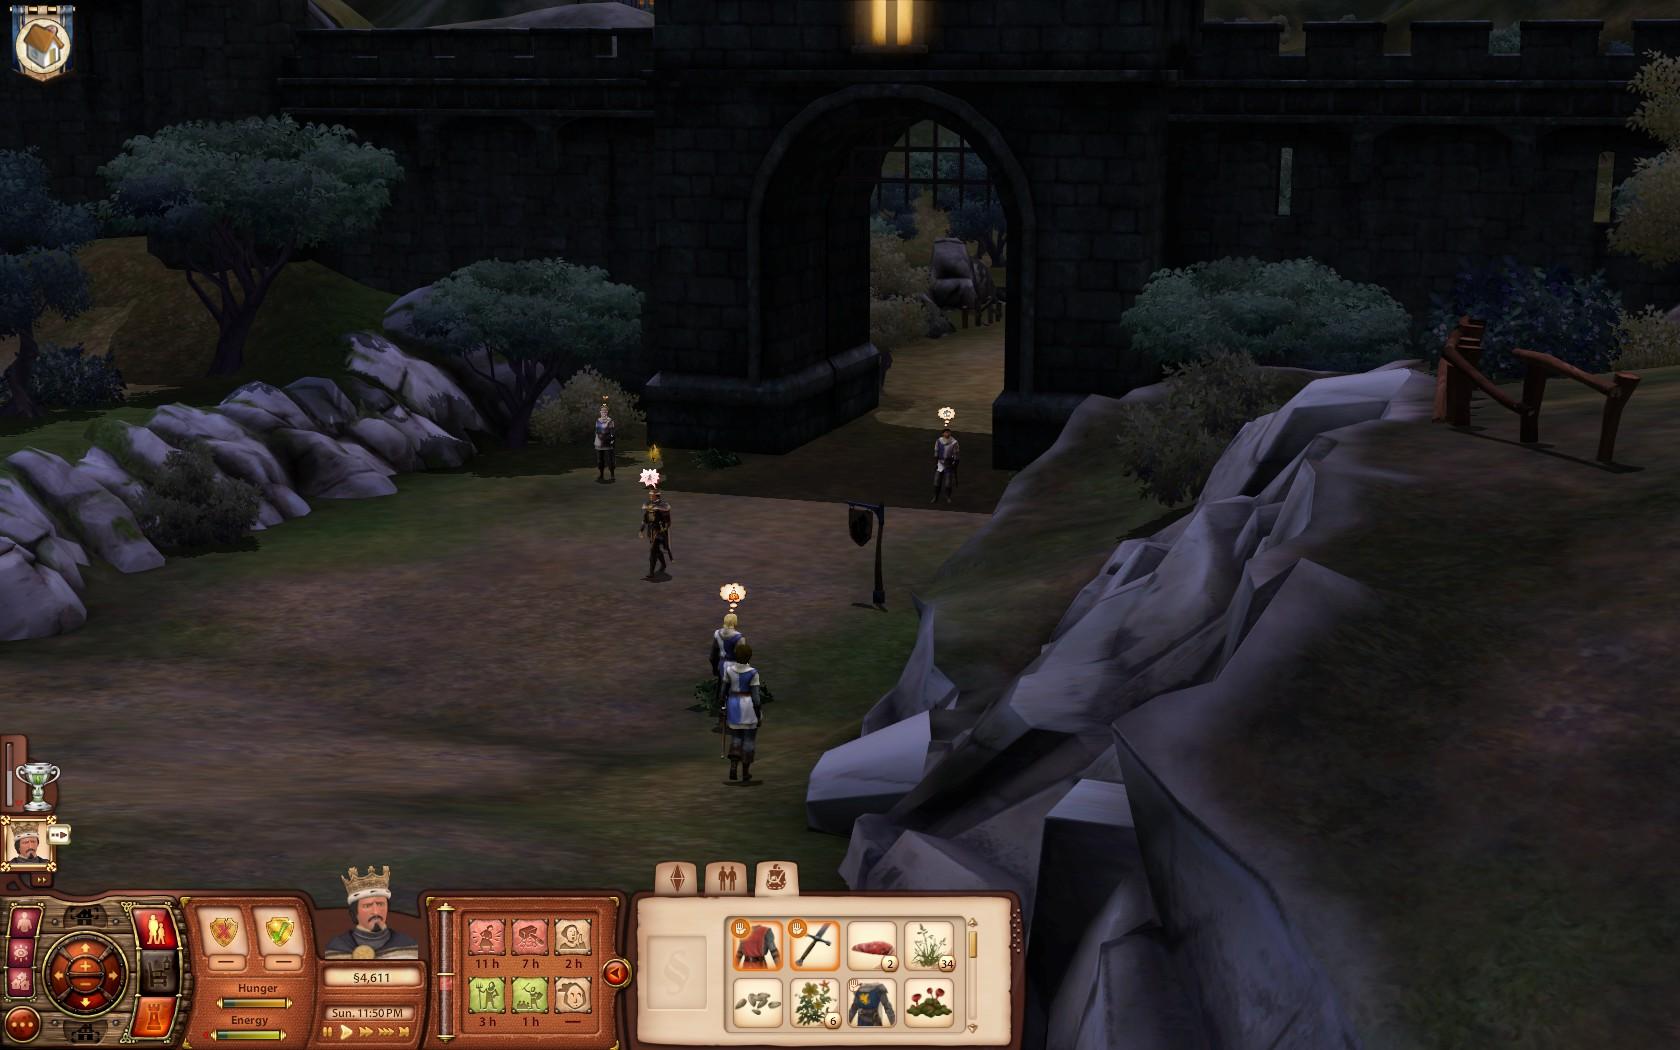 The Sims: Medieval – tak trochu jiný středověk 36244